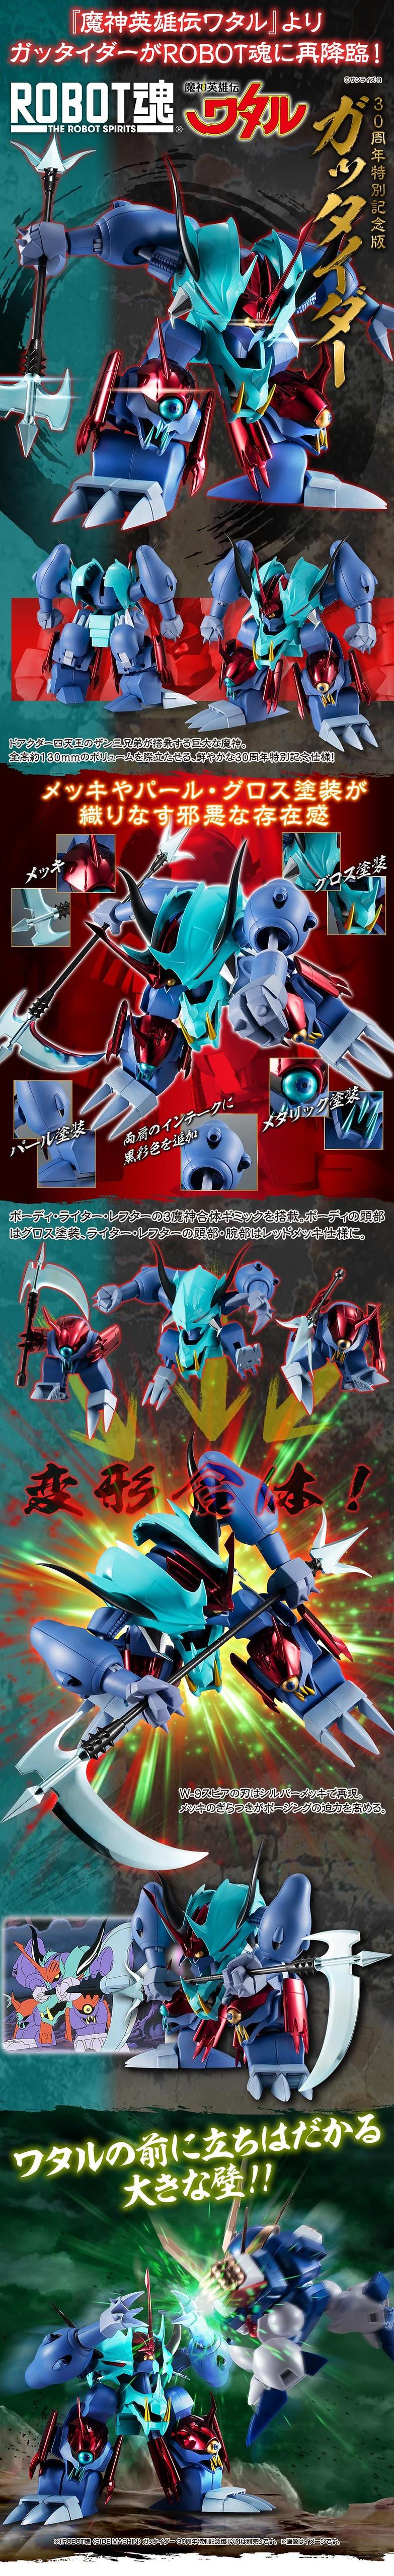 《魔神英雄傳》ROBOT魂「合體達 30周年特別記念版」06月全新配色再登場!